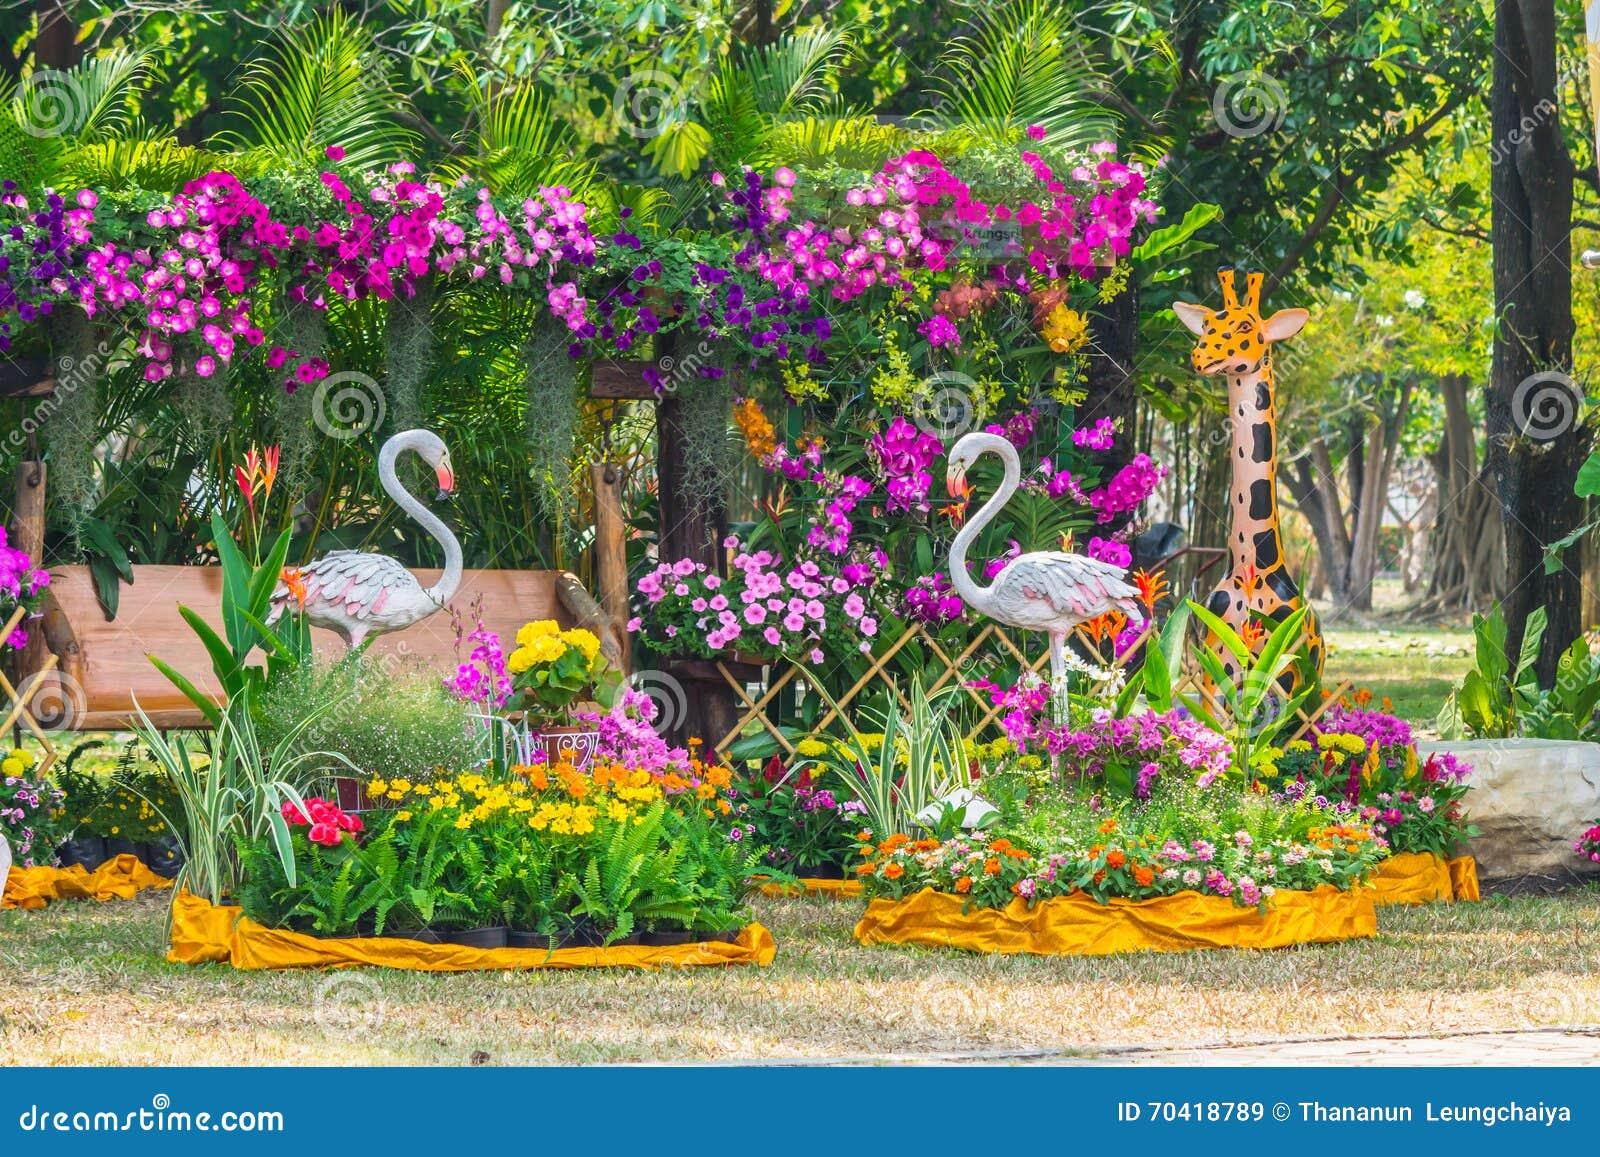 Statua dell 39 uccello del fenicottero in giardino floreale for Fenicottero decorativo giardino